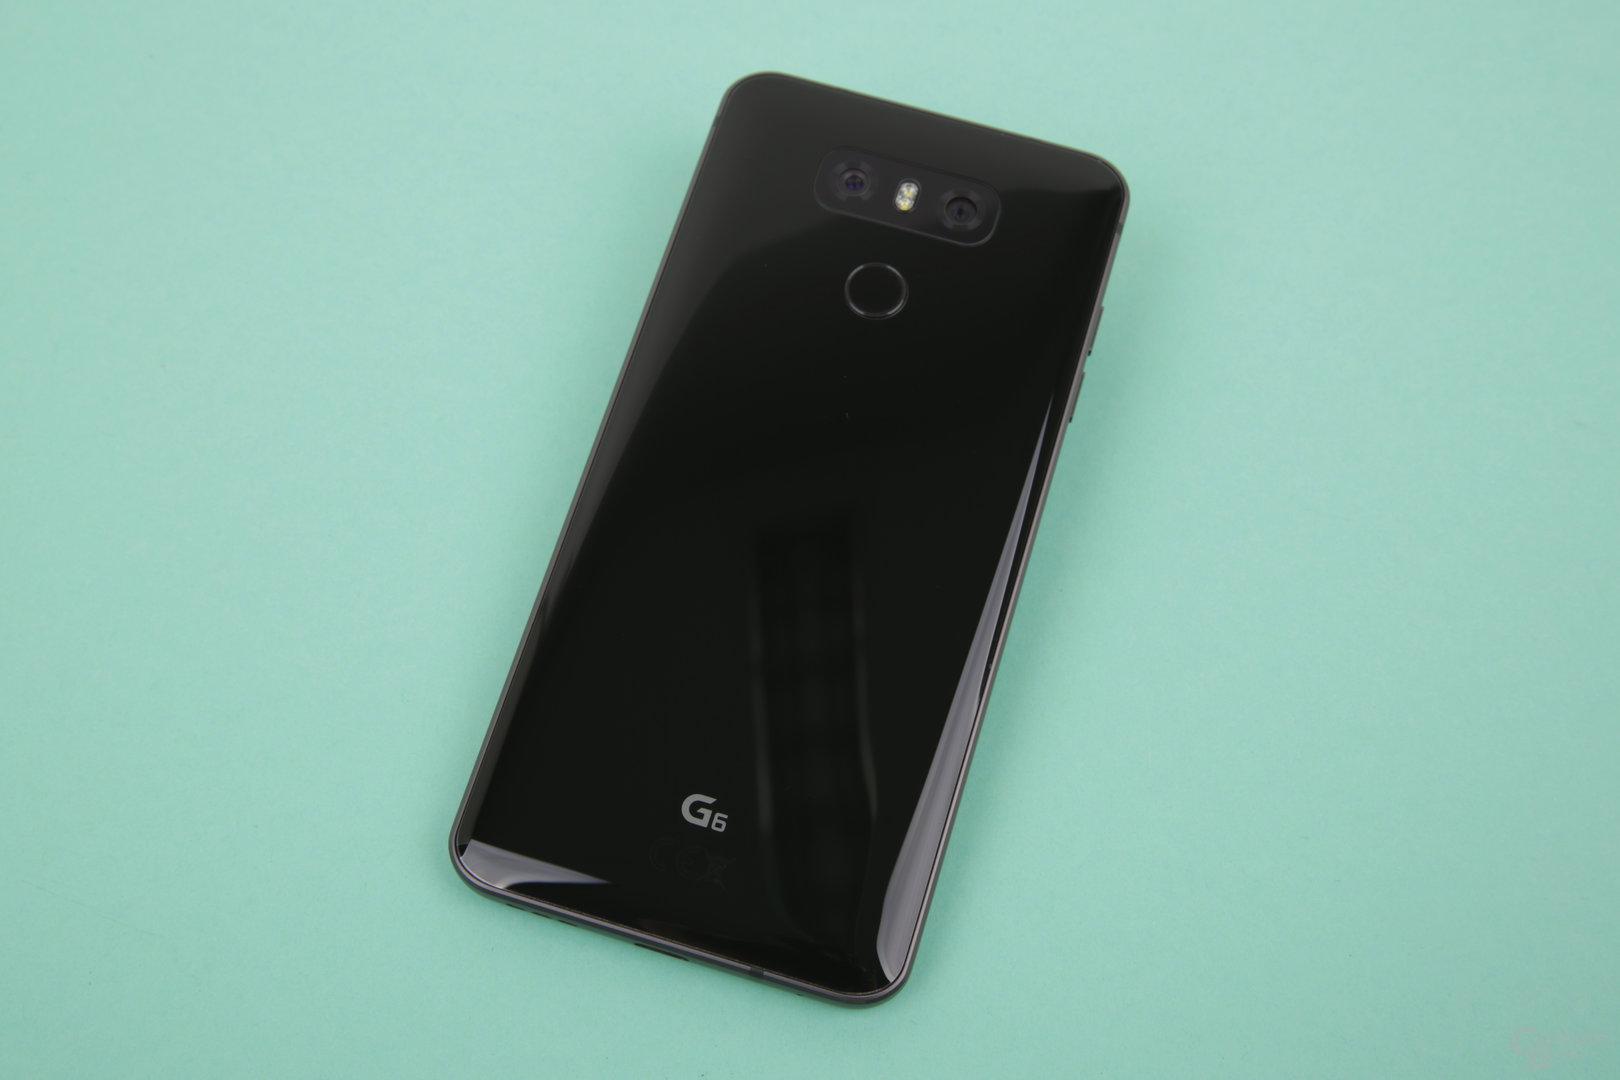 Gorilla Glass 5 schützt die Rückseite des G6